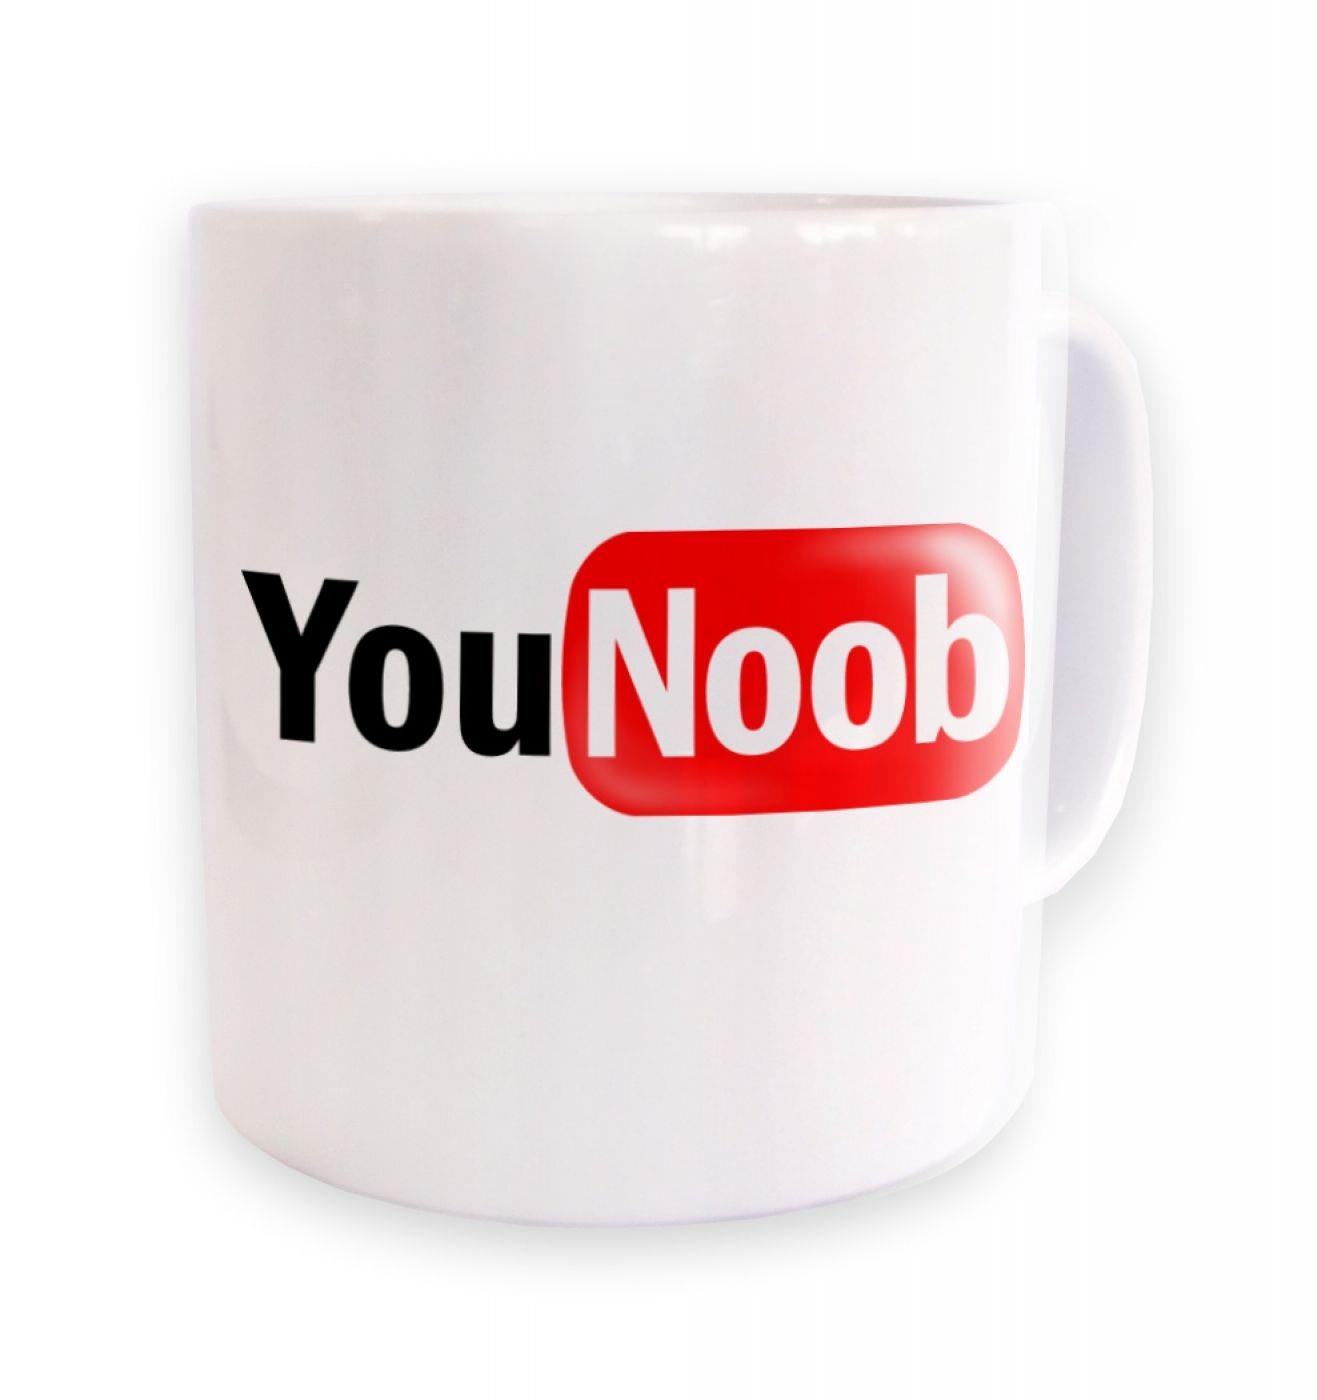 YouNoob mug